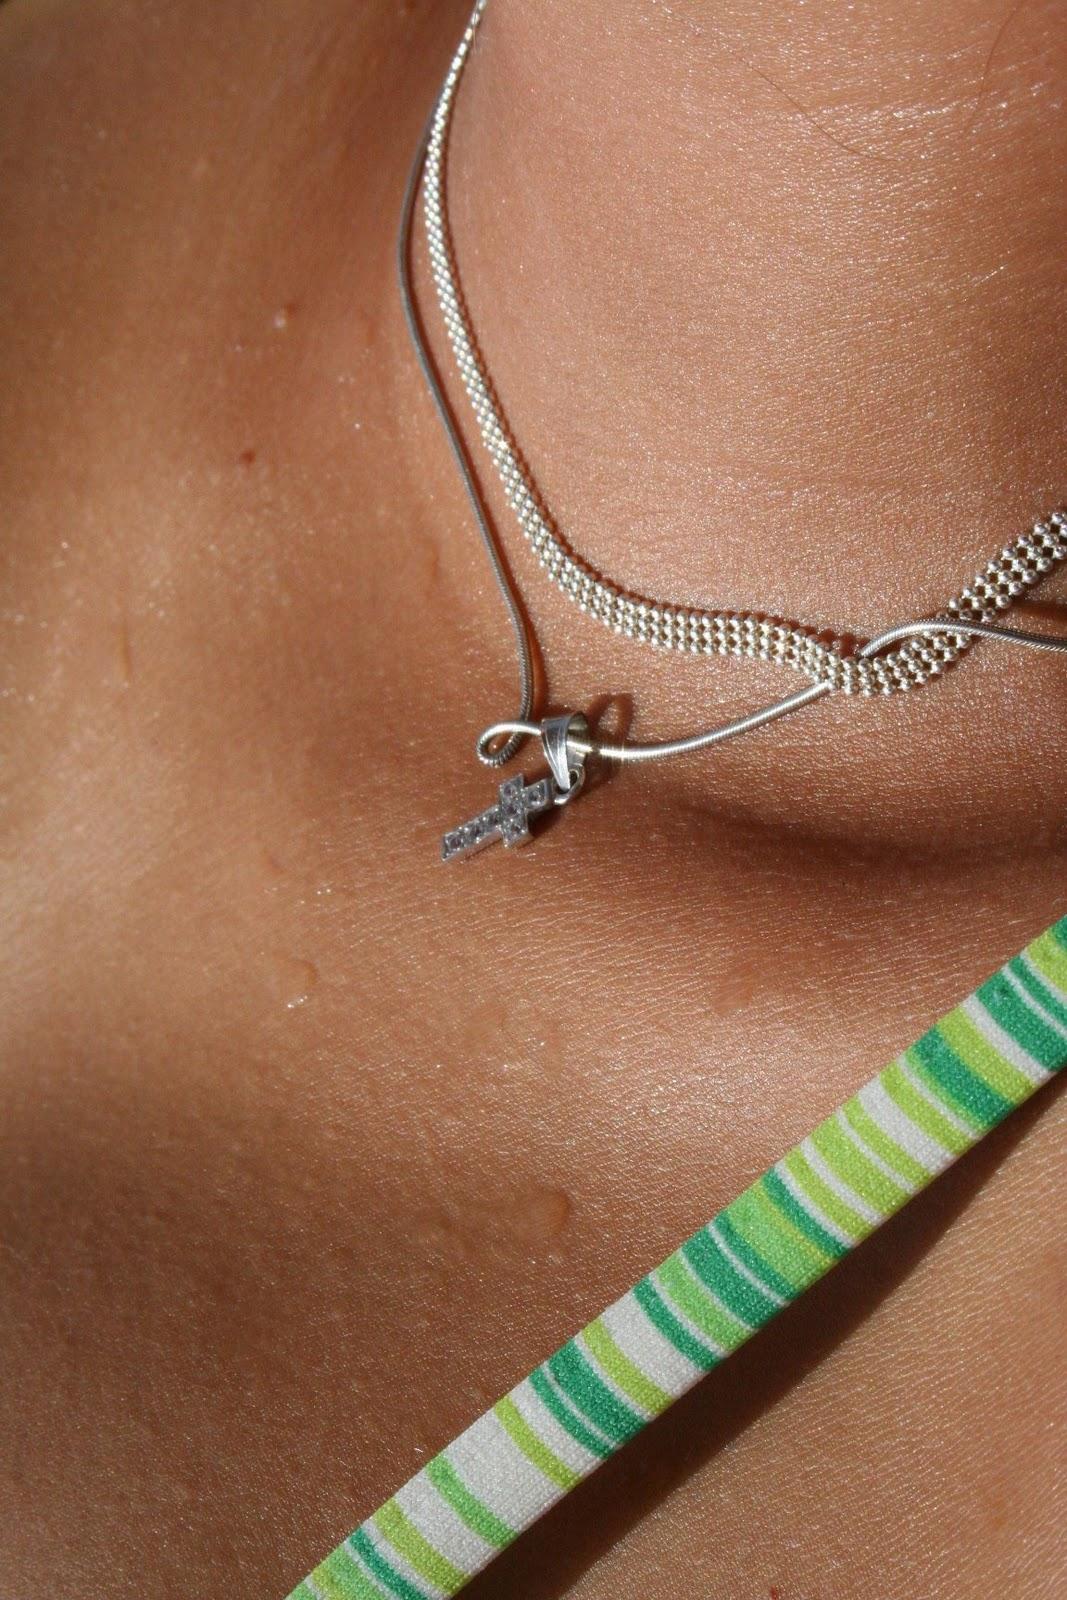 http://1.bp.blogspot.com/-zXDAPeCYtls/TnjCXY9ImuI/AAAAAAAANsA/xo0uevTxP1o/s1600/Jewellery+Wallpapers+%25281%2529.jpg